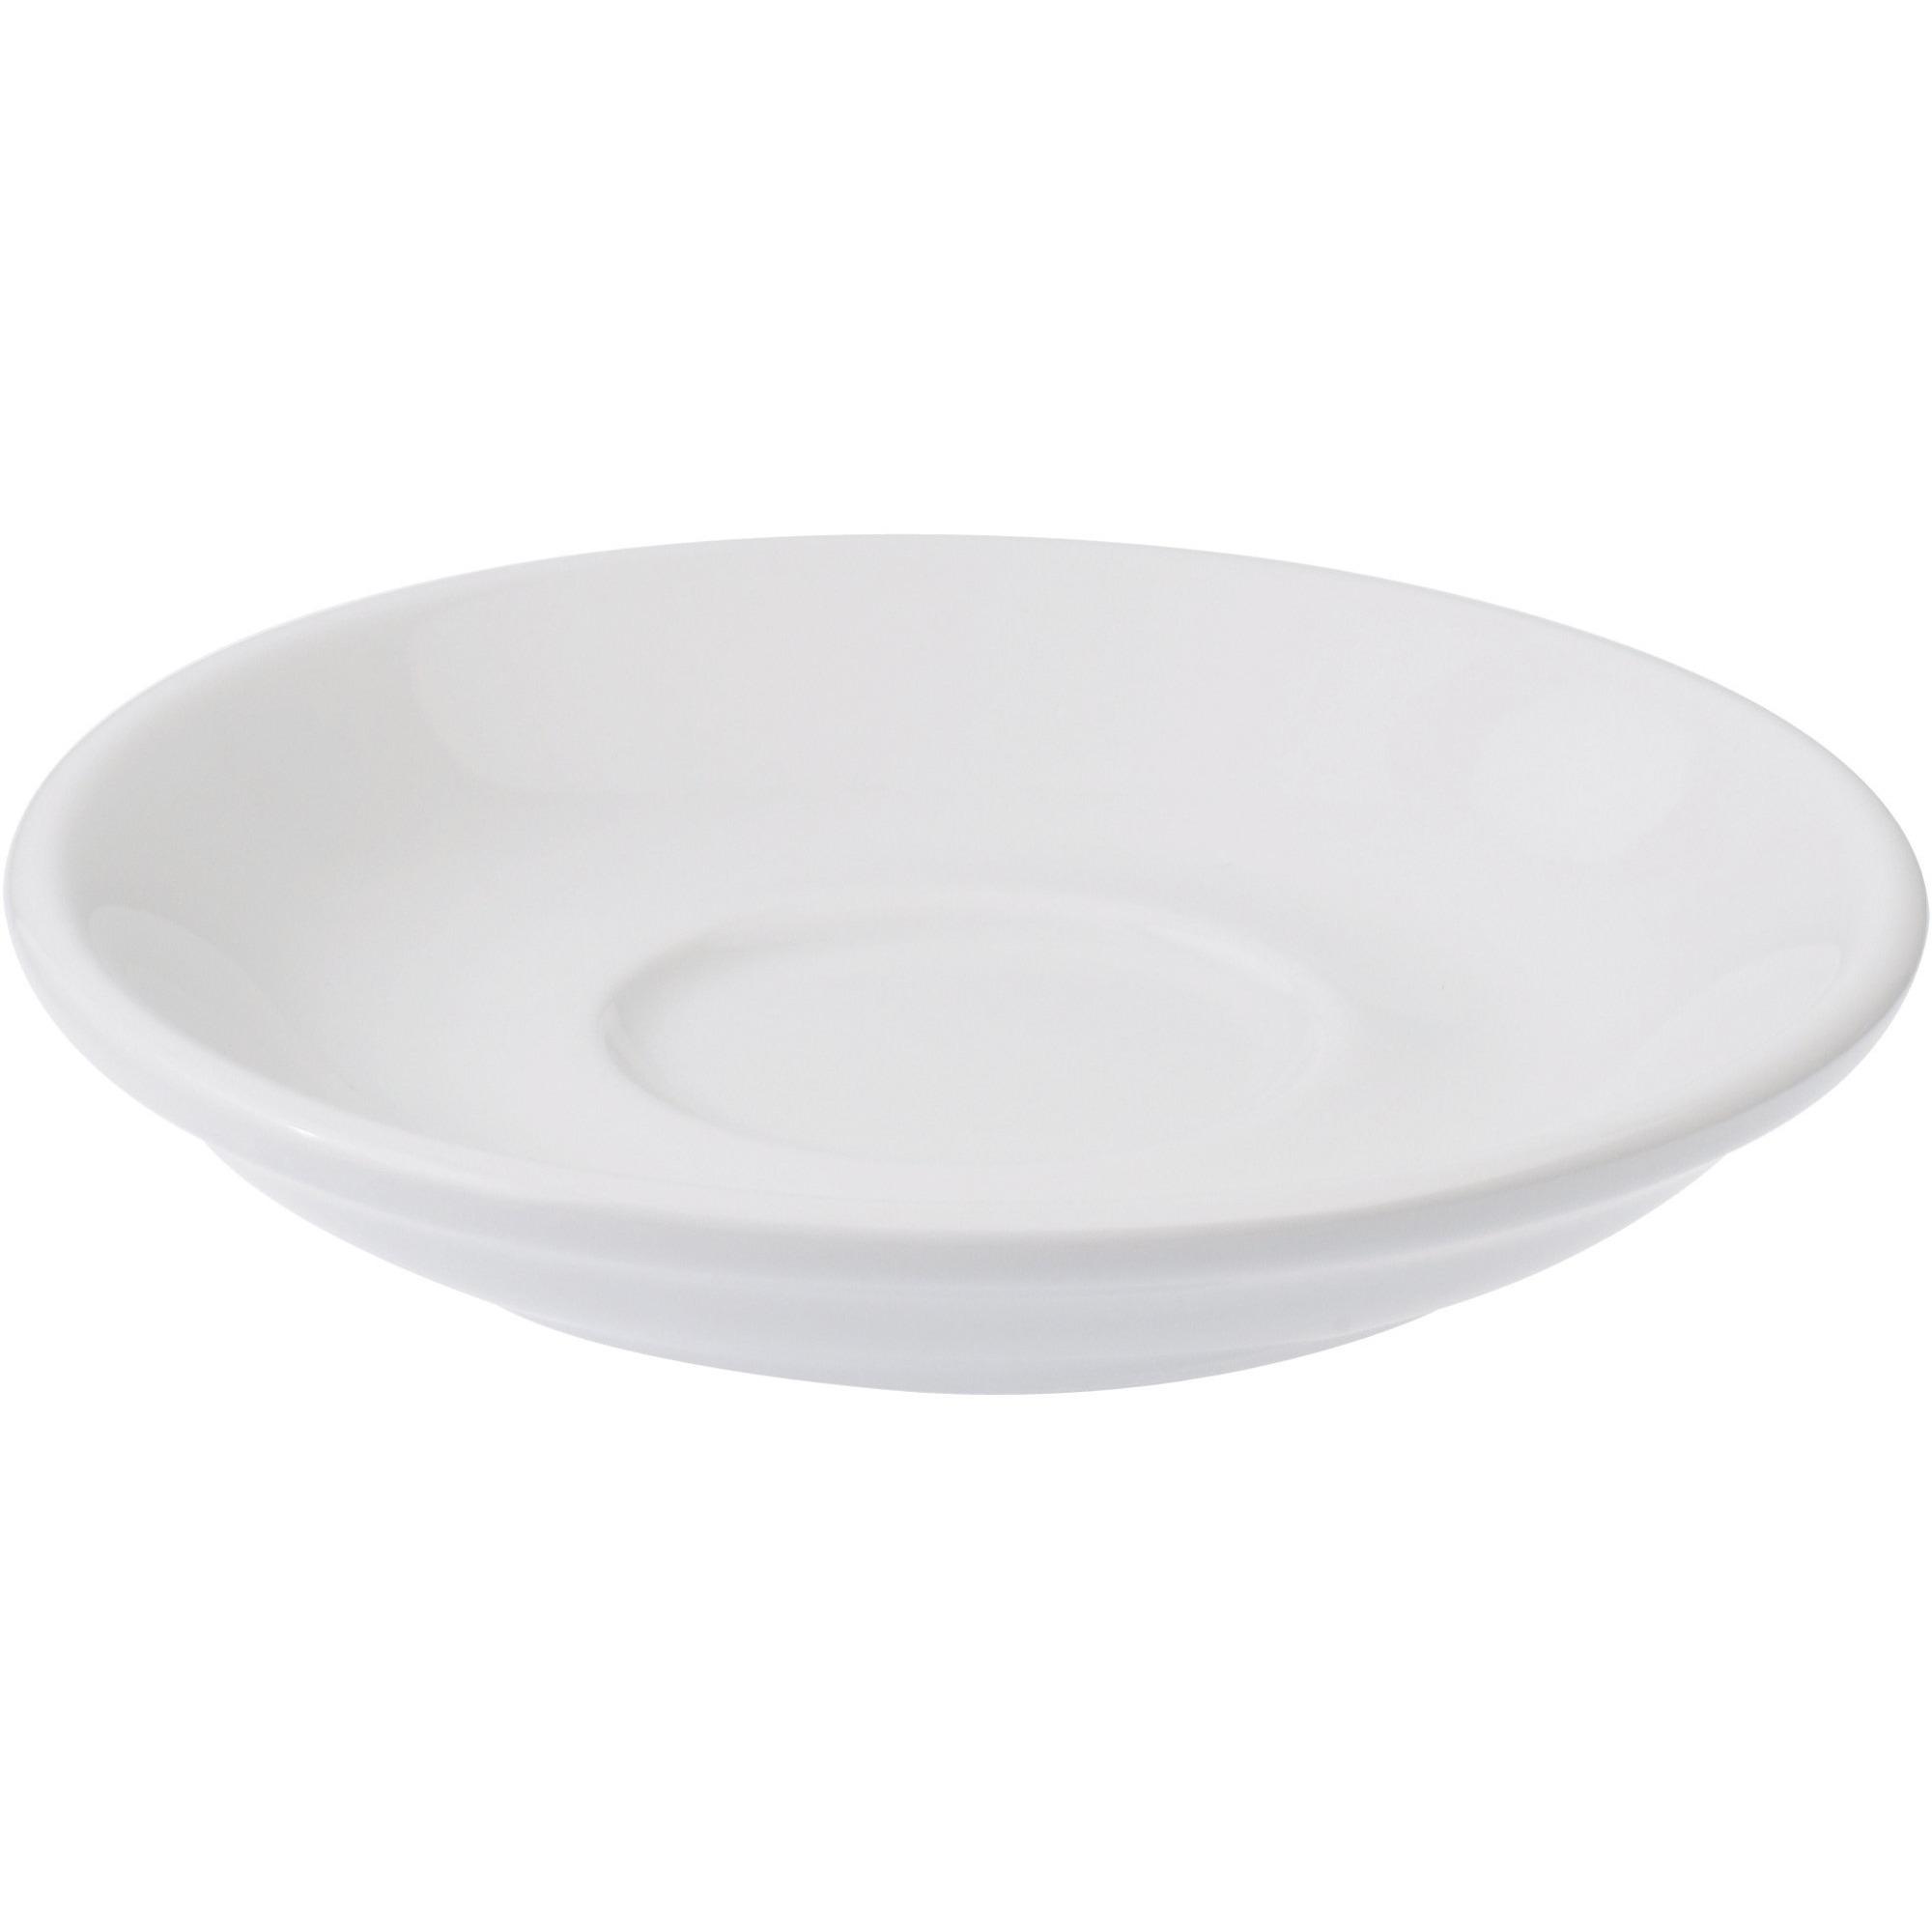 Loveramics Egg Espresso fat 11.5 cm. 6 st. White